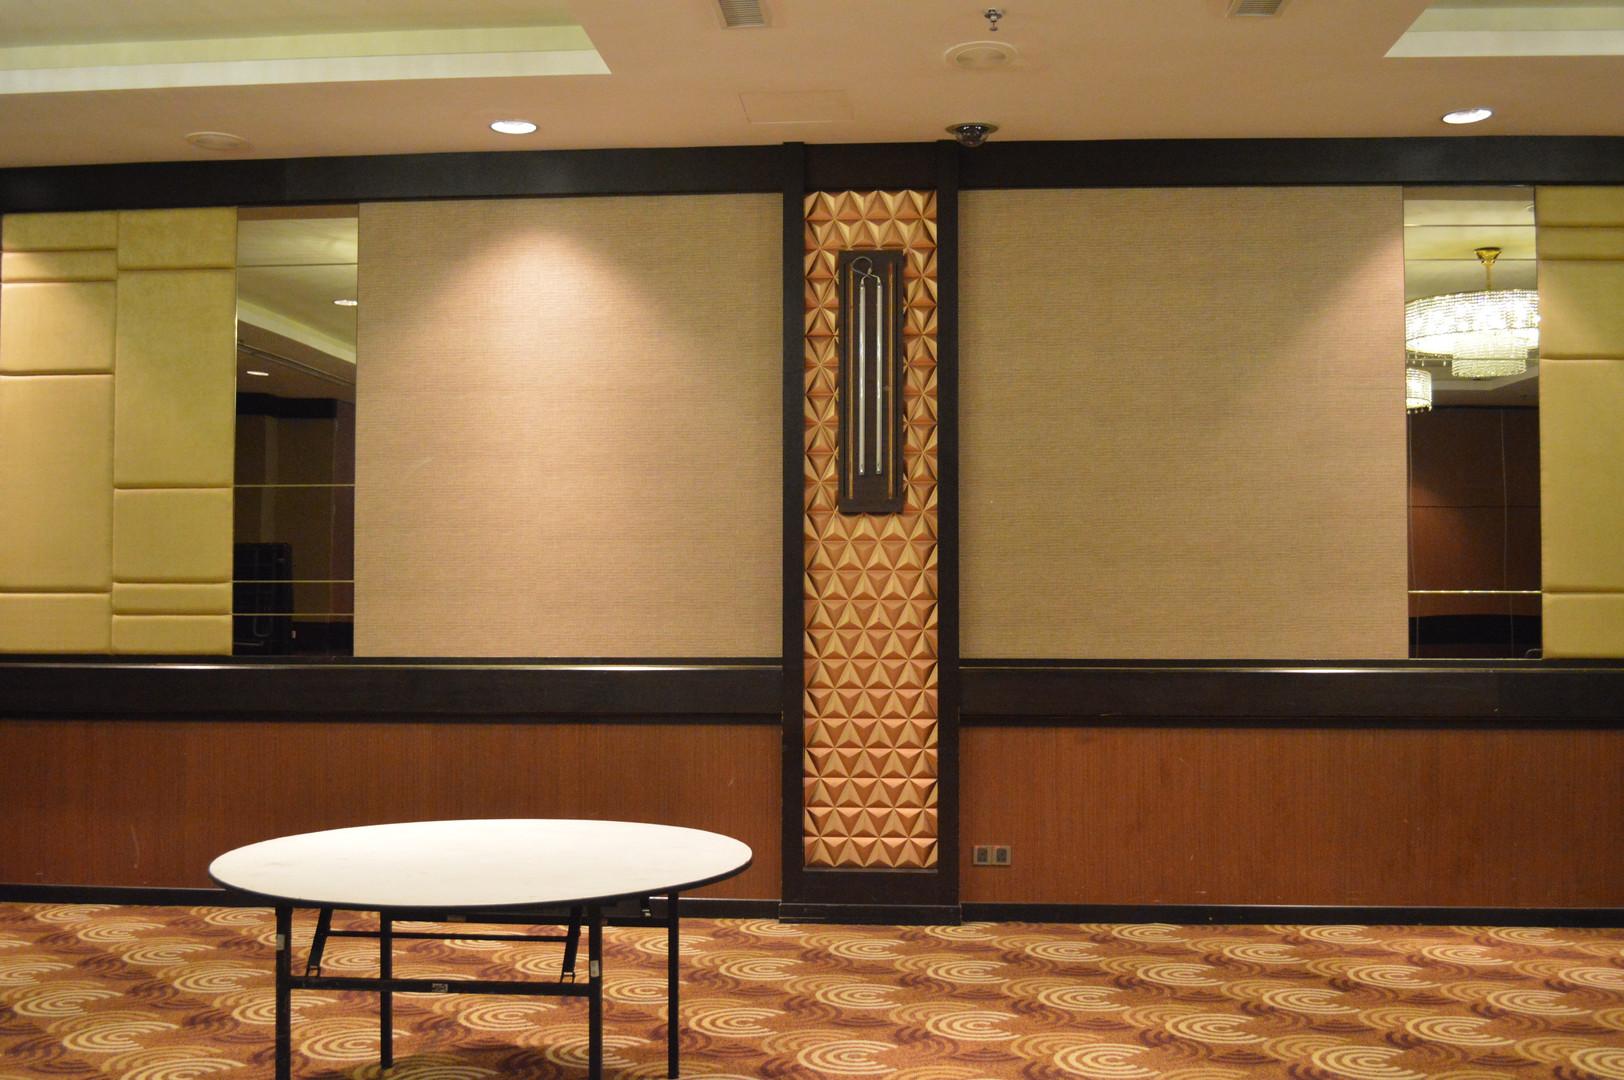 KSL Resort Ballroom Carpentry Works Design